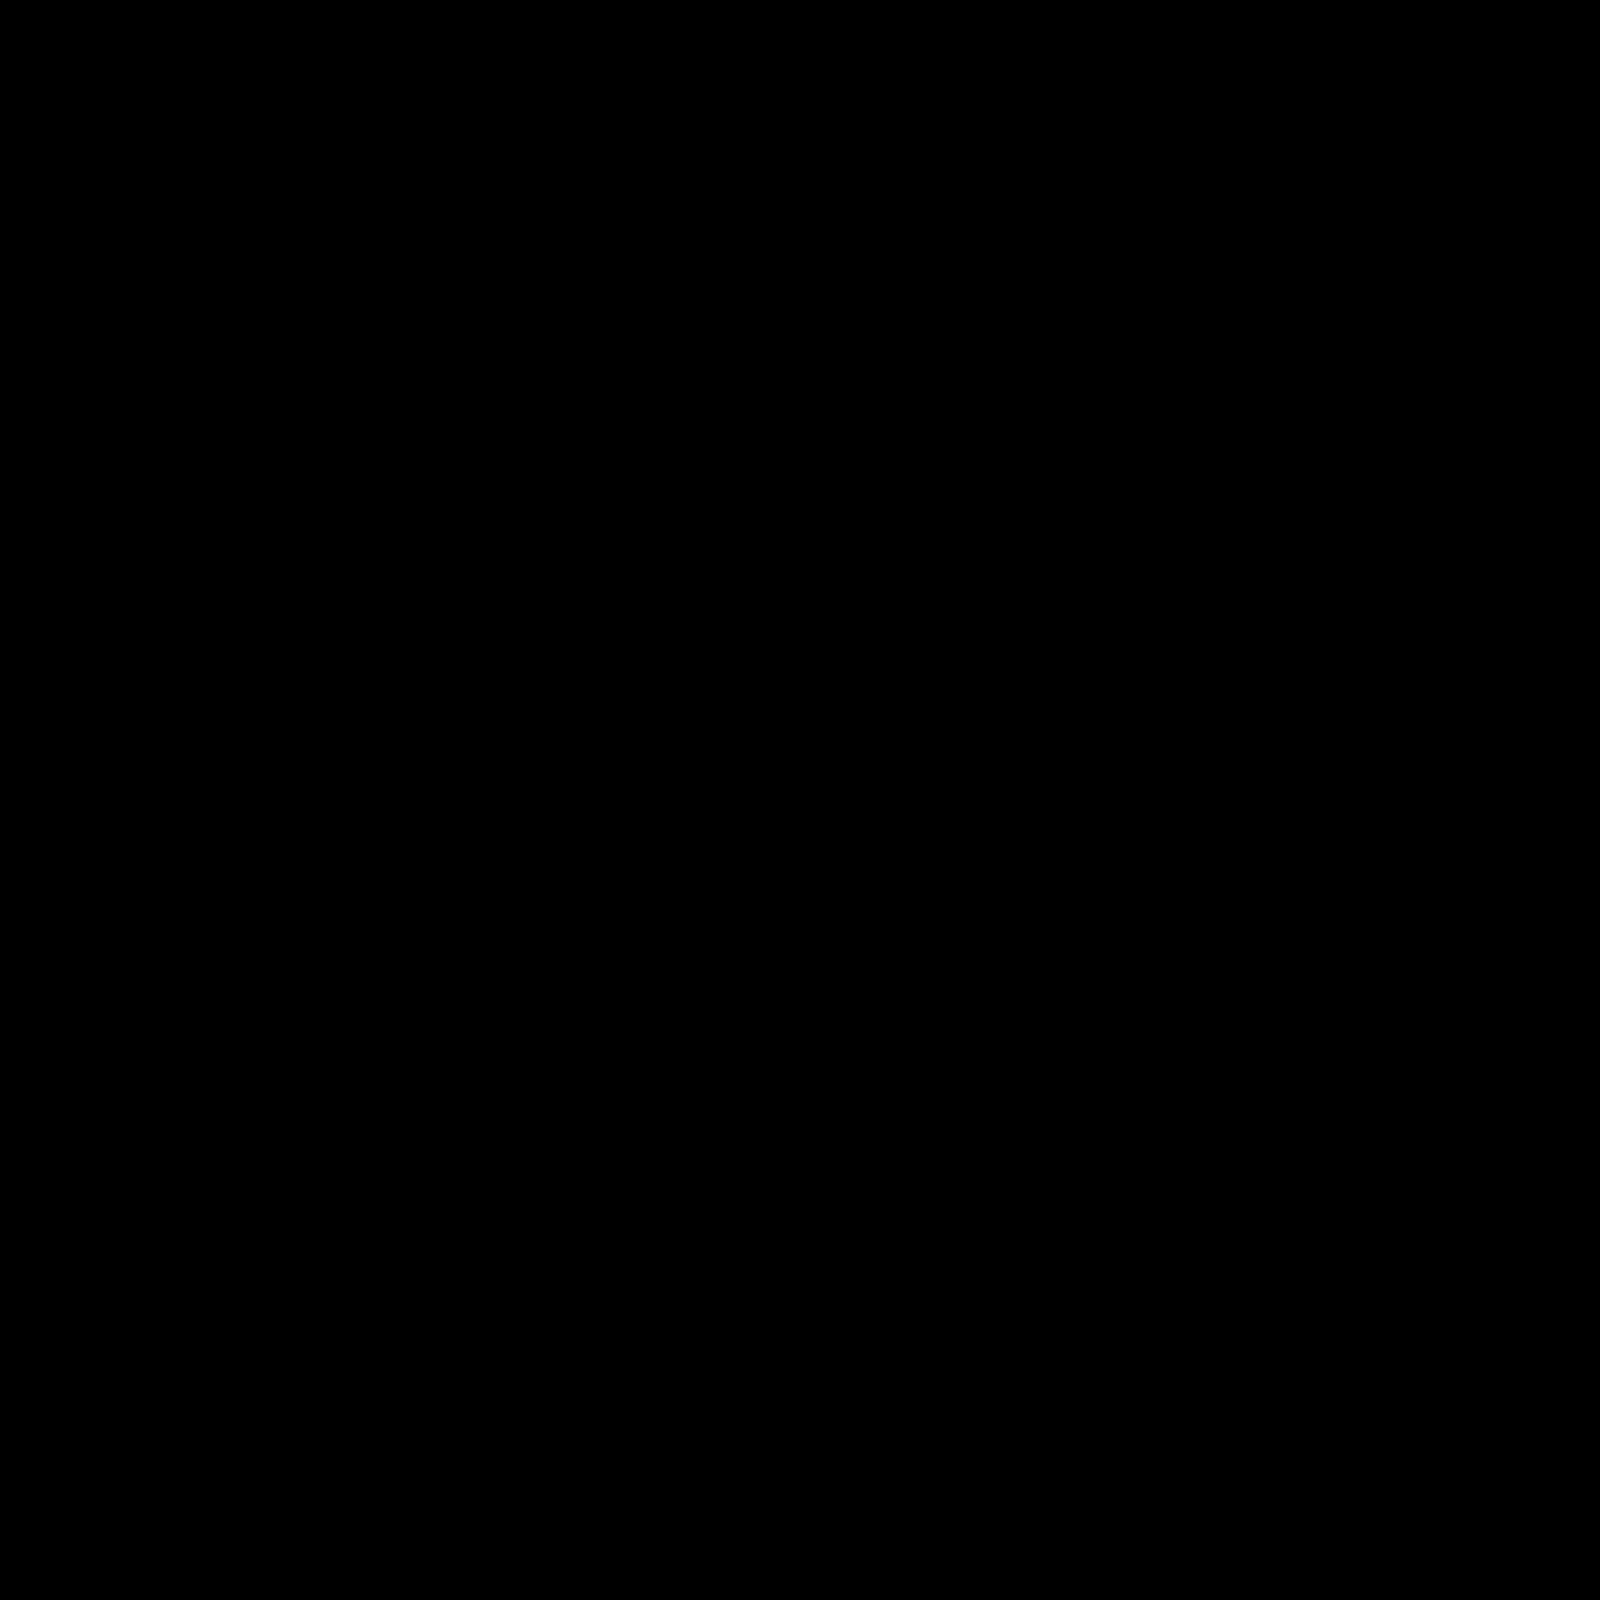 ハートのエース icon